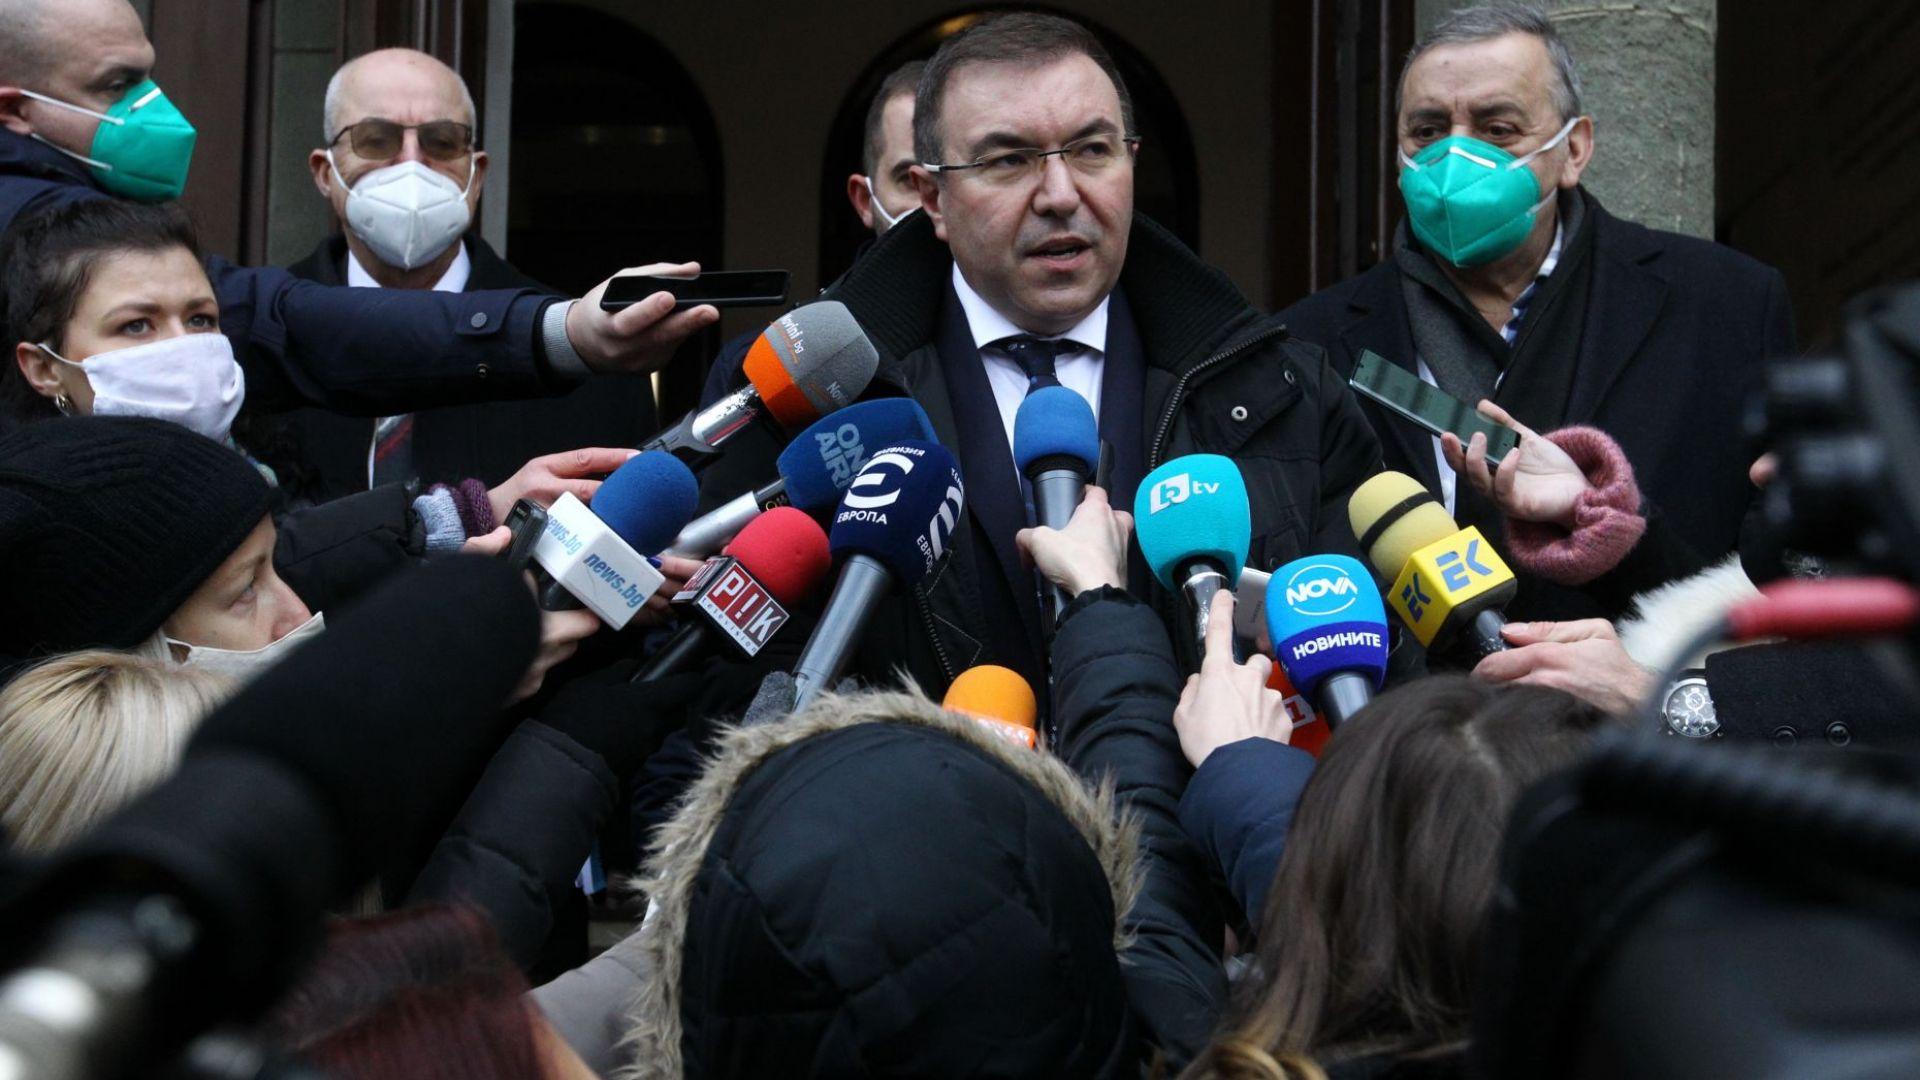 Здравният министър: Започва масово тестване на учители, от февруари може да има промяна в мерките